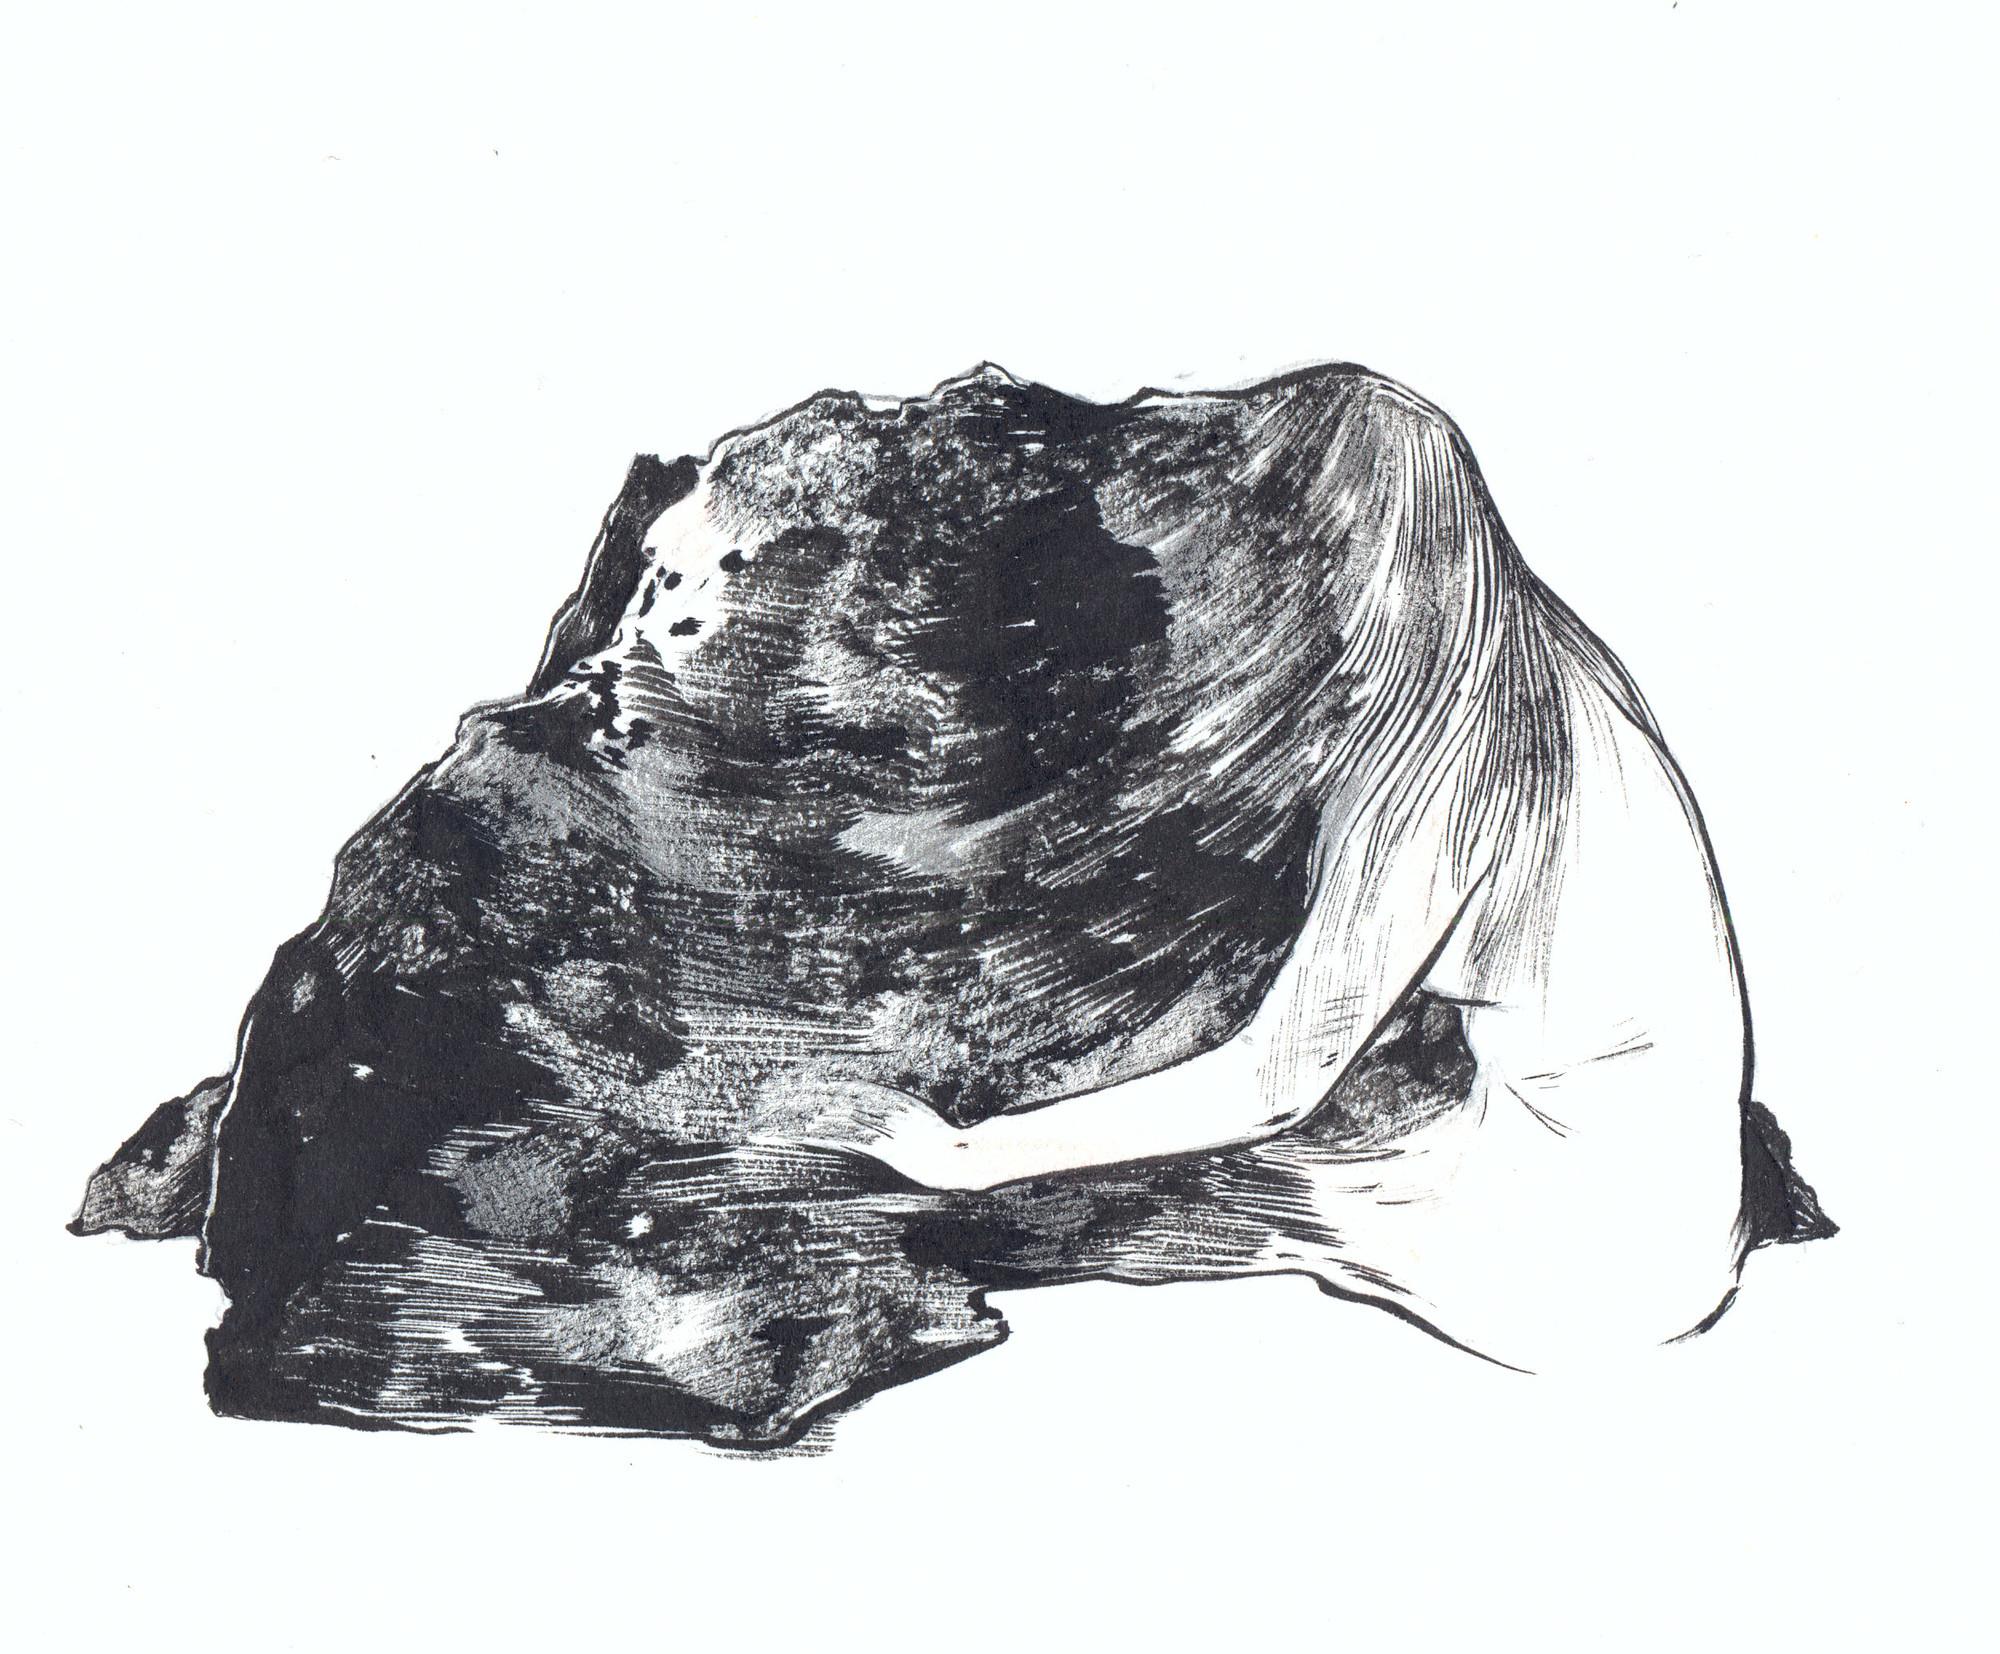 Desenho parte da instalação Con tus propias manos, de Rita Ponce de León